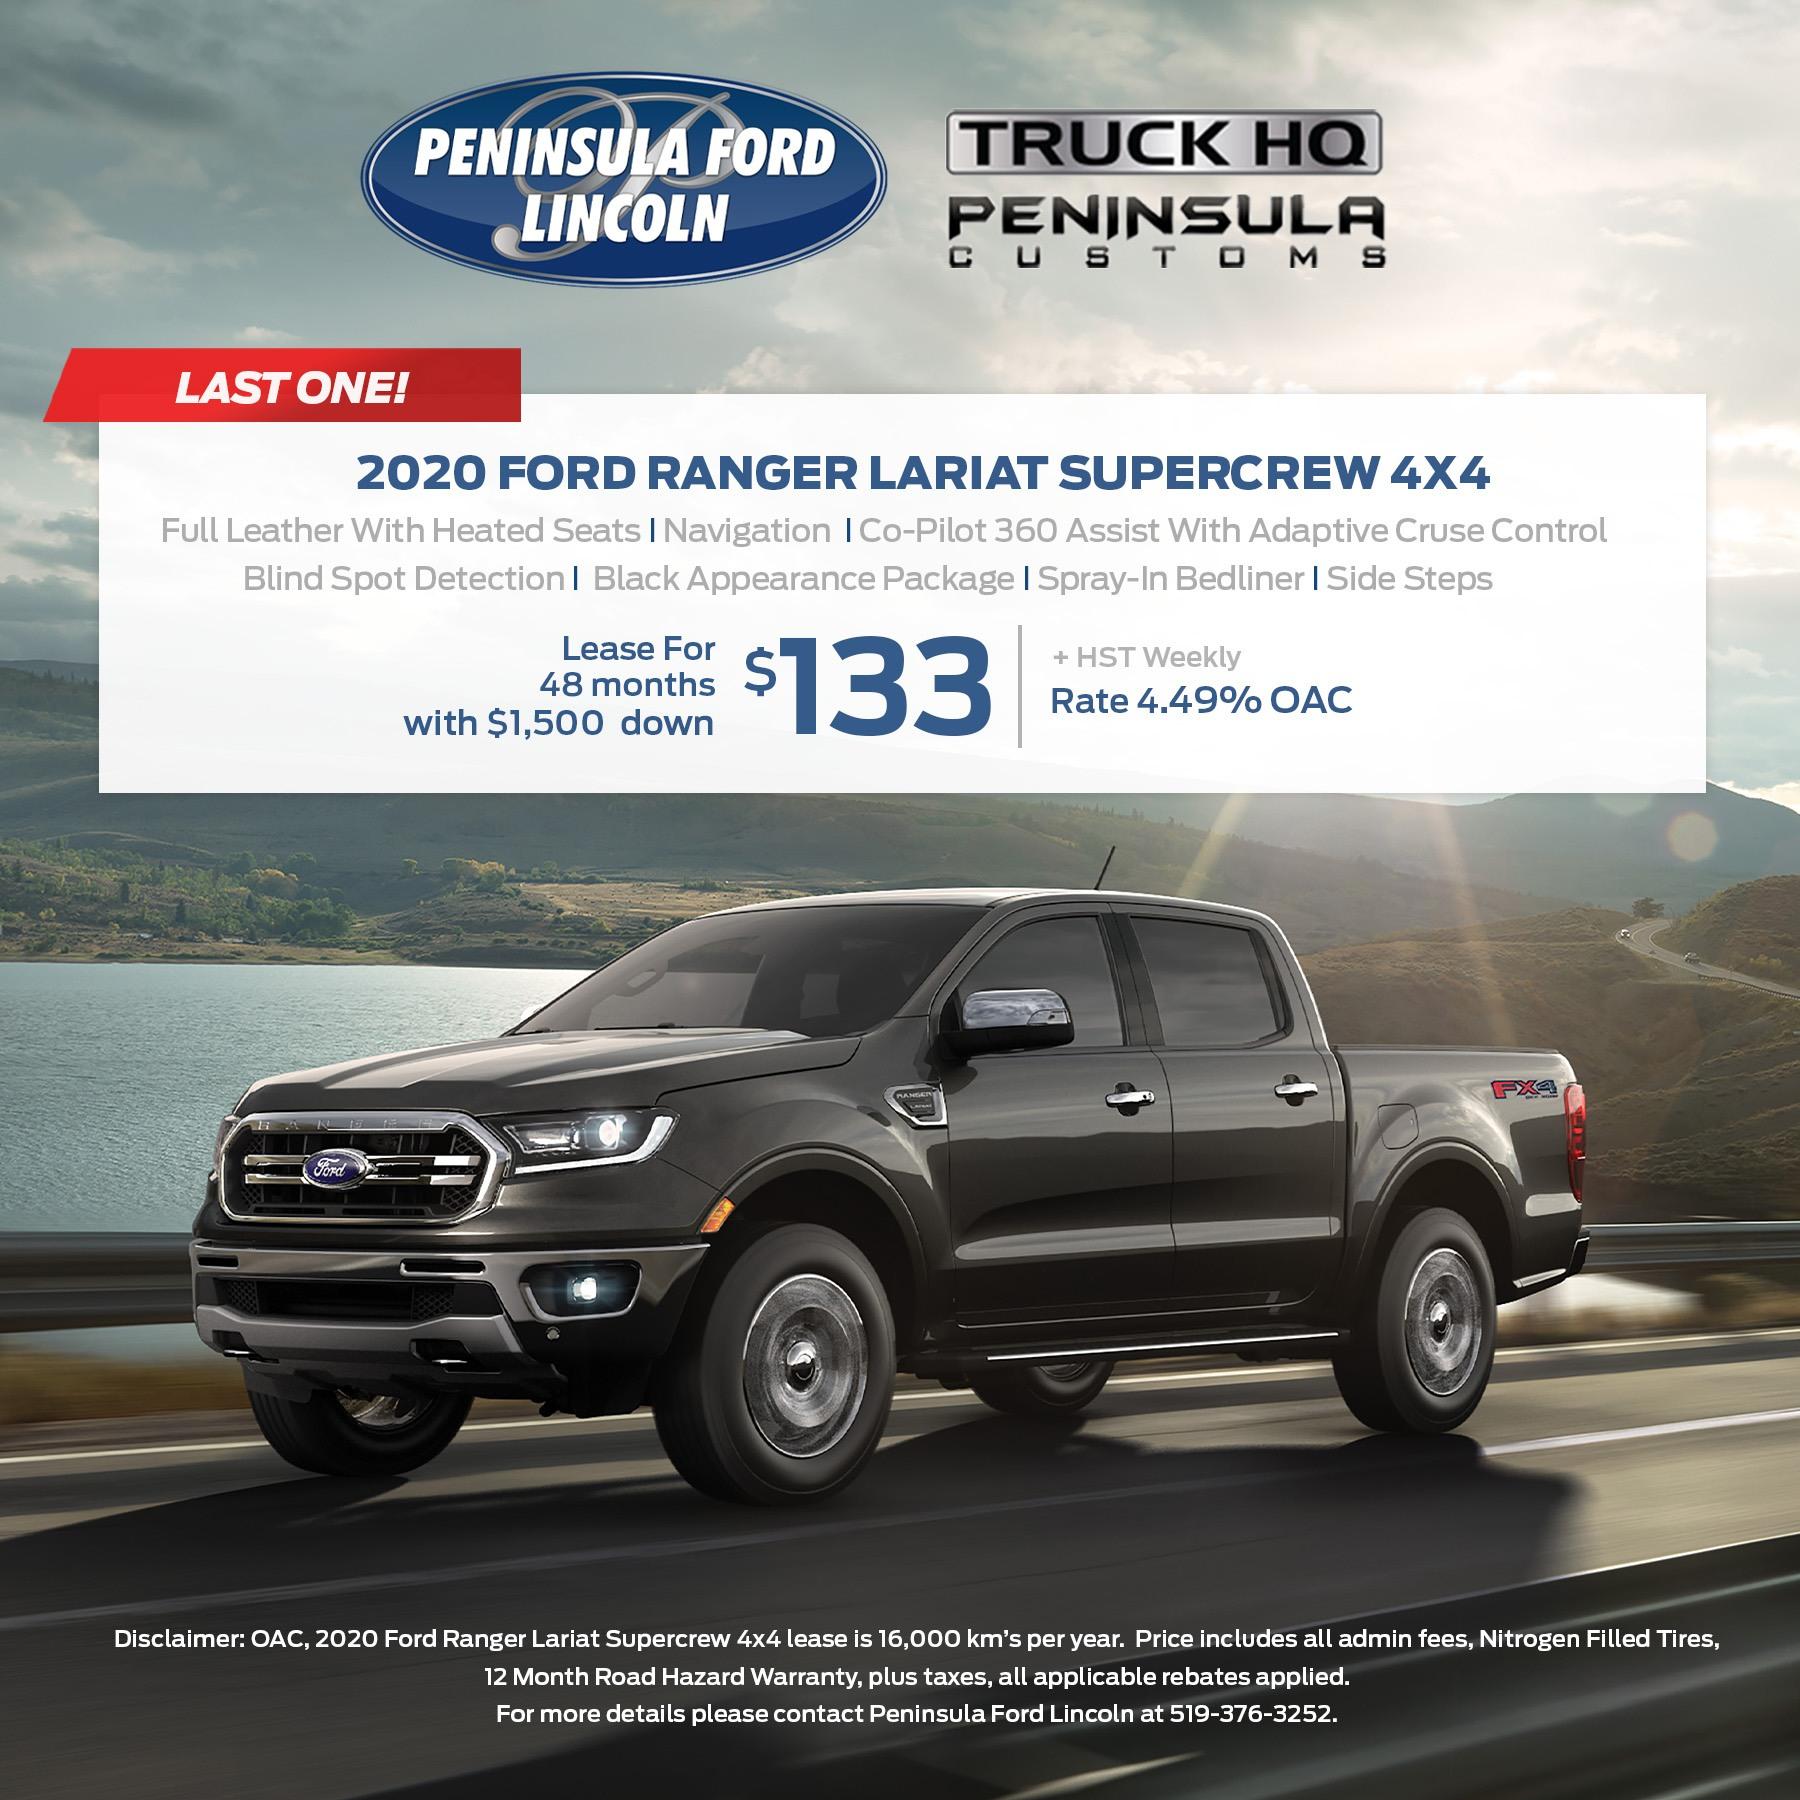 2020 Ford Ranger lariat Supercrew 4X4